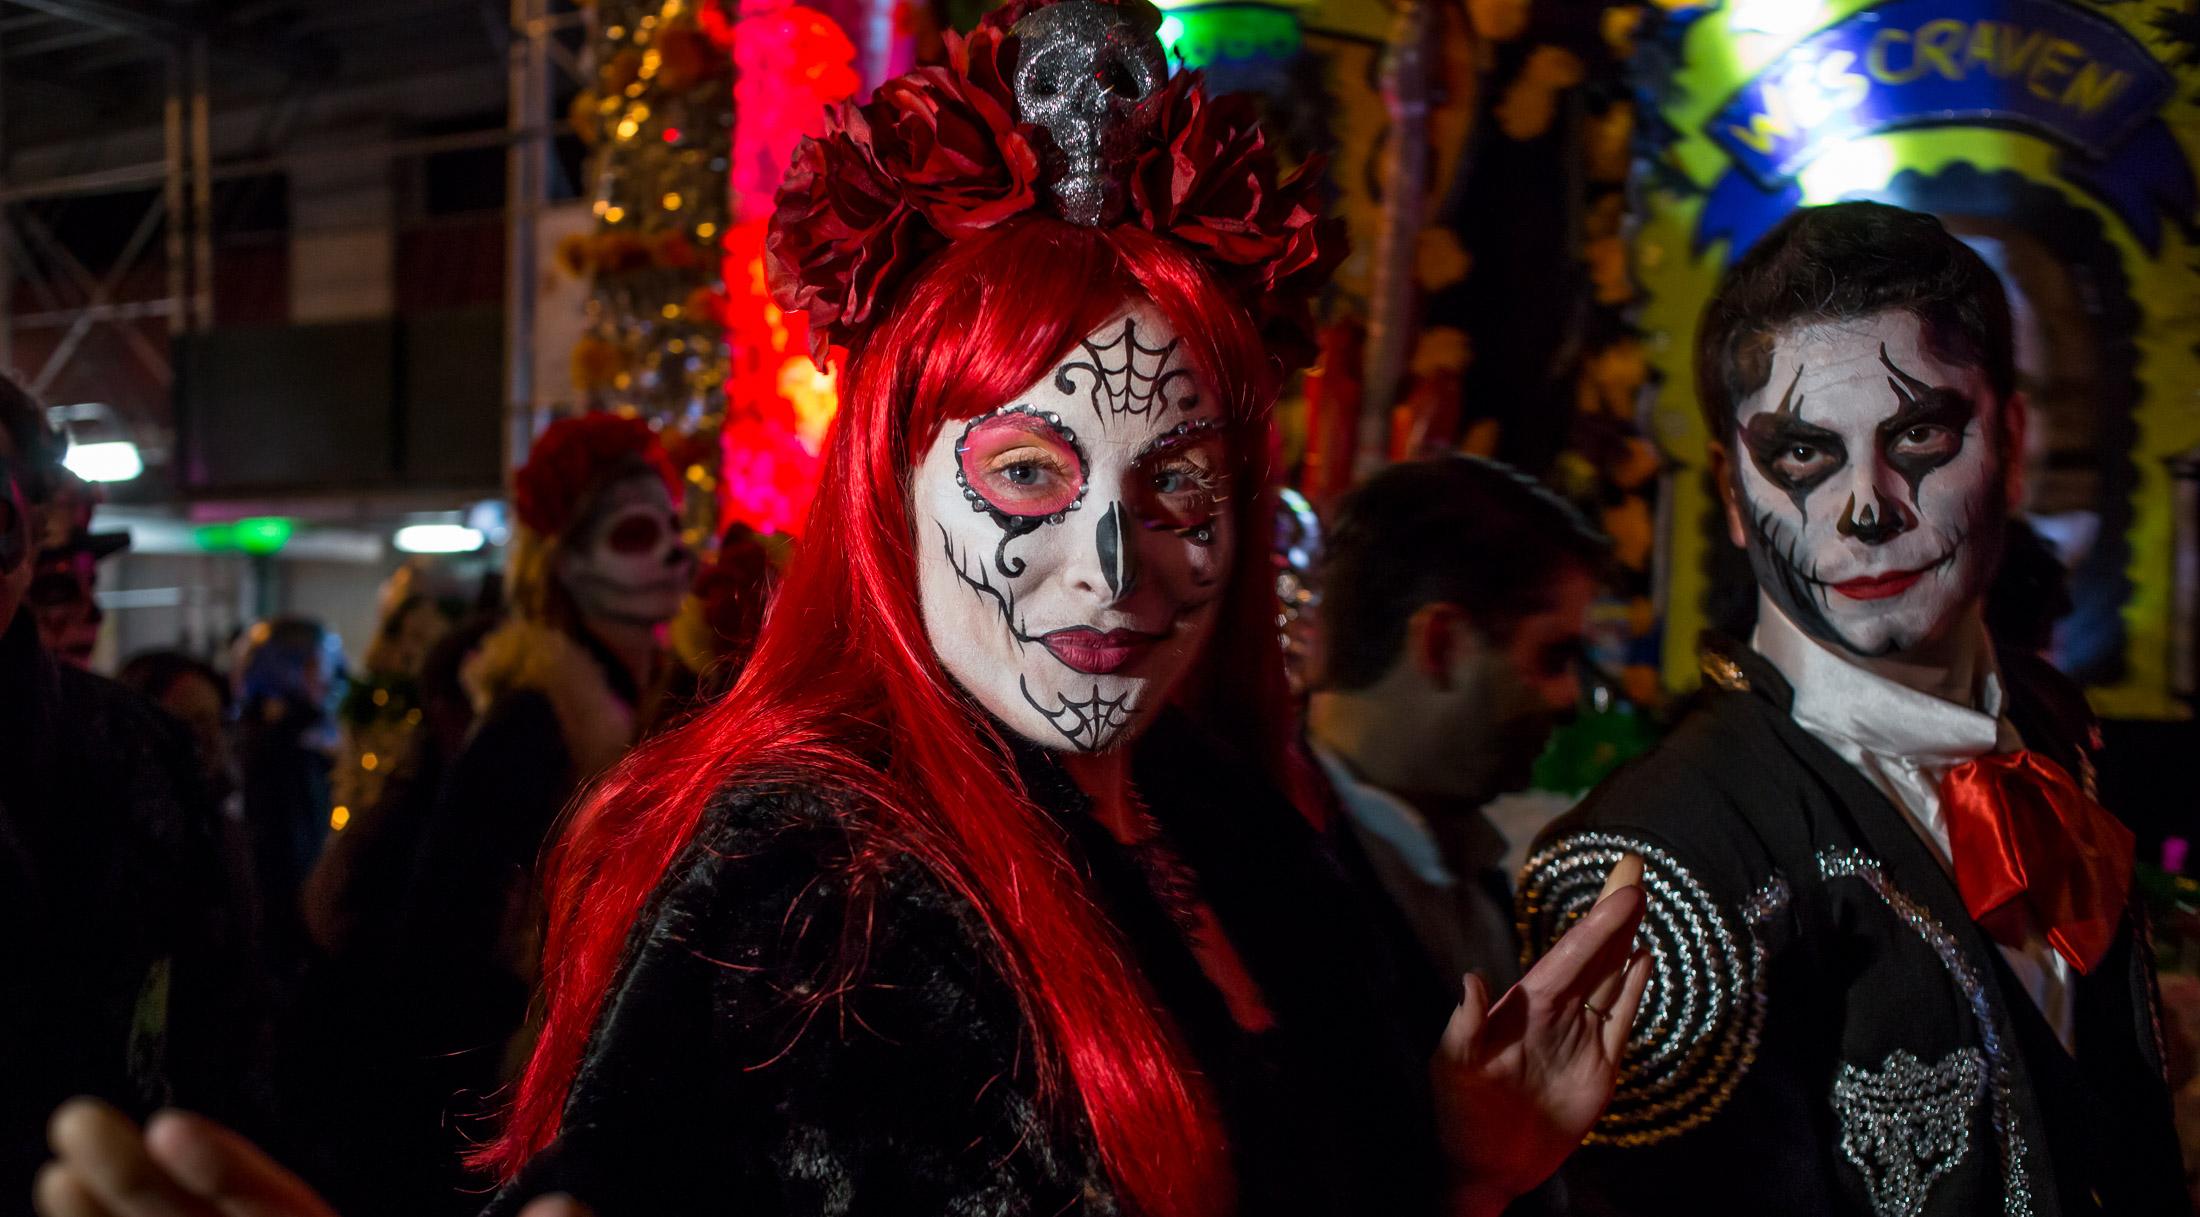 New York's Greenwich Village Halloween Parade